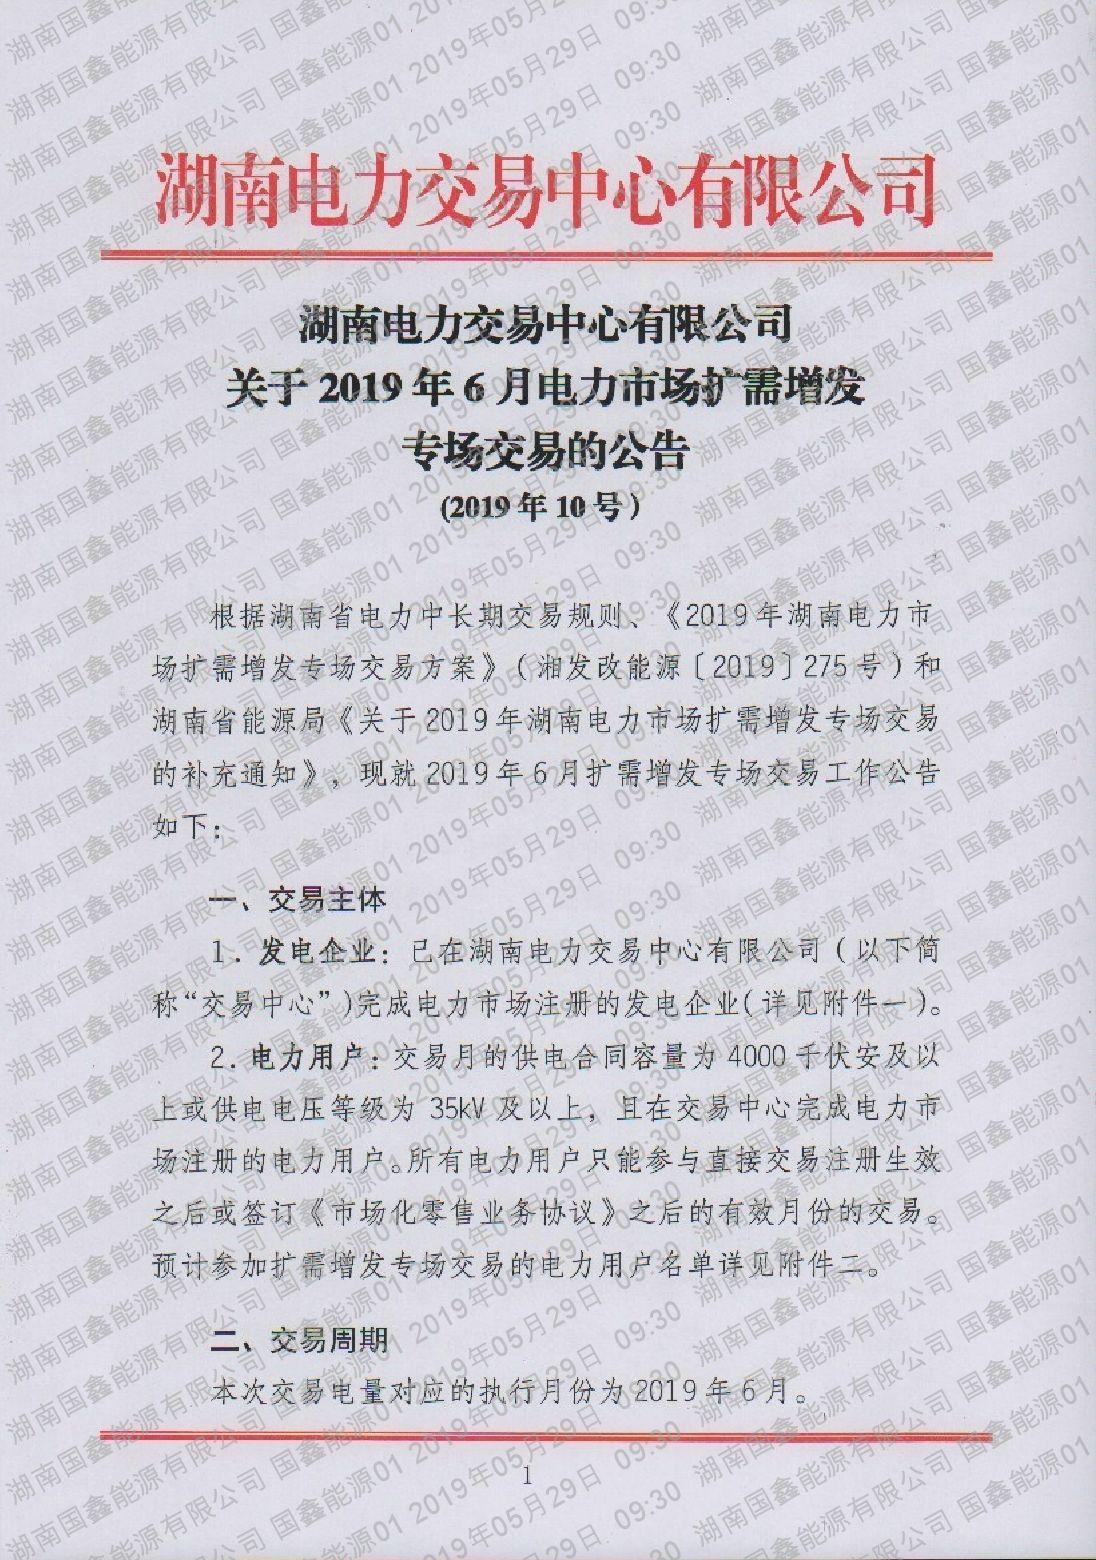 關于2019年6月電力市場擴需增發專場交易的公告.pdf_page_1_compressed.jpg